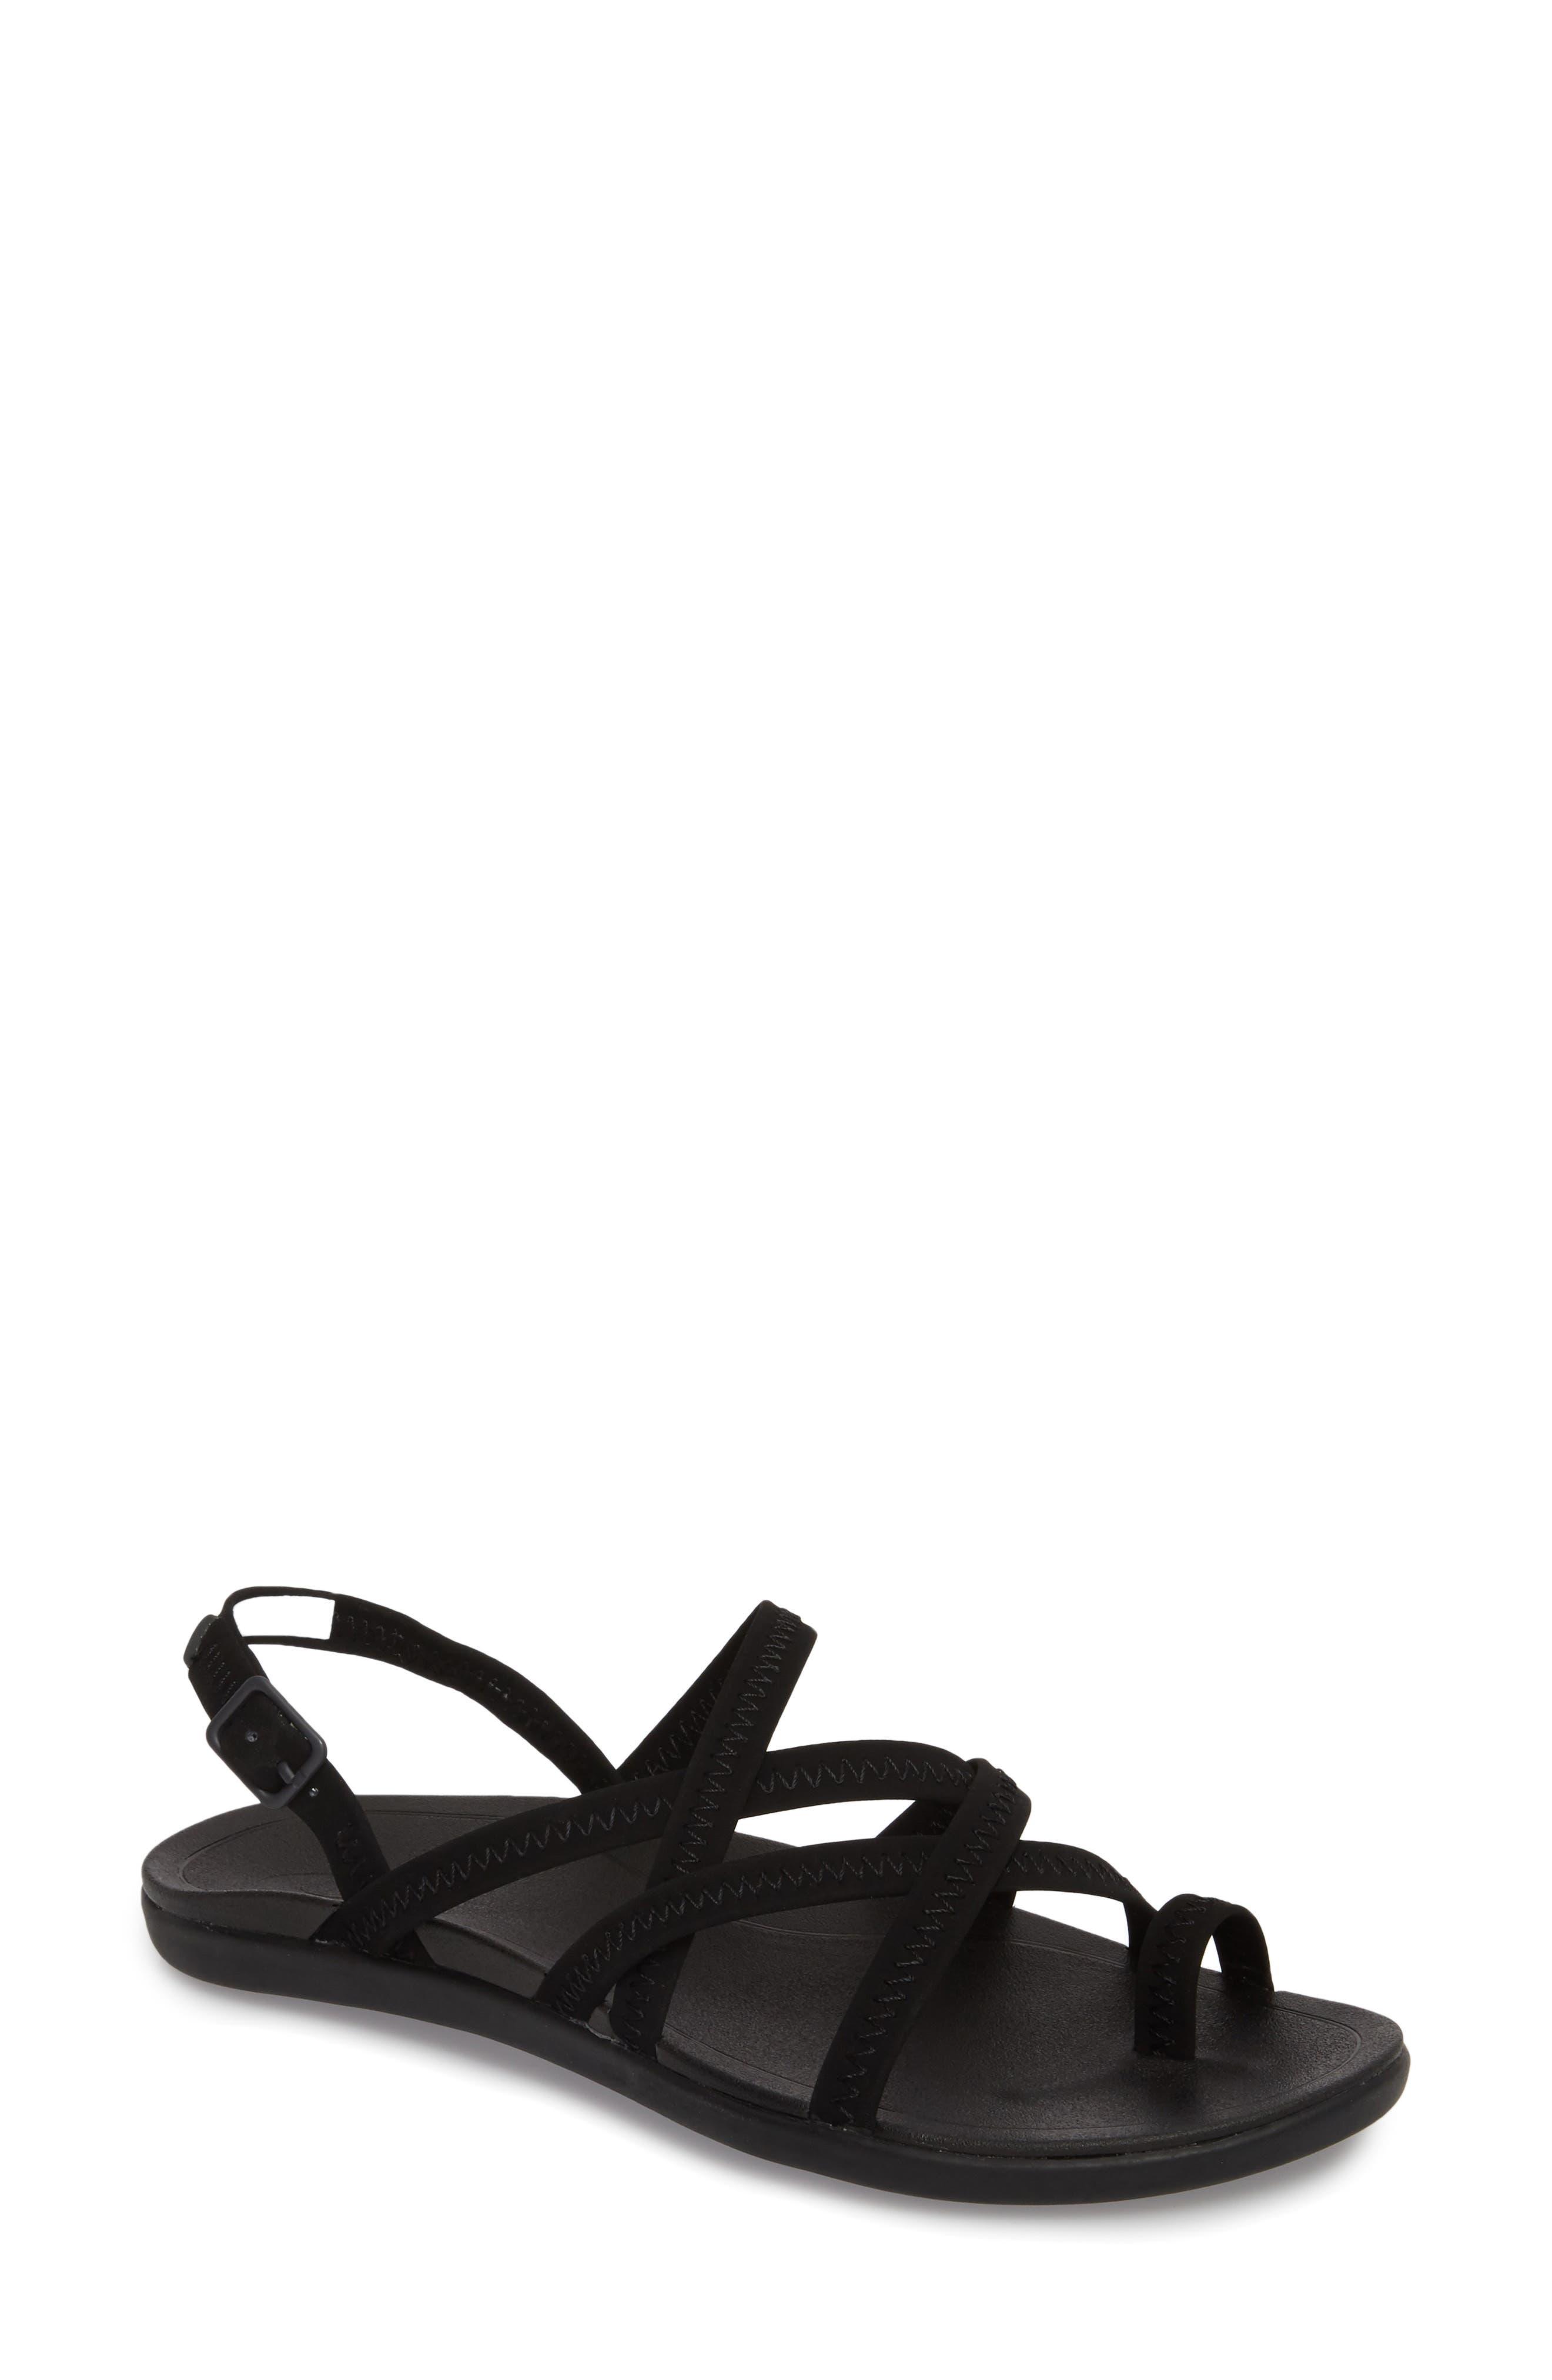 Kalapu Sandal,                             Main thumbnail 1, color,                             BLACK/ BLACK FAUX LEATHER